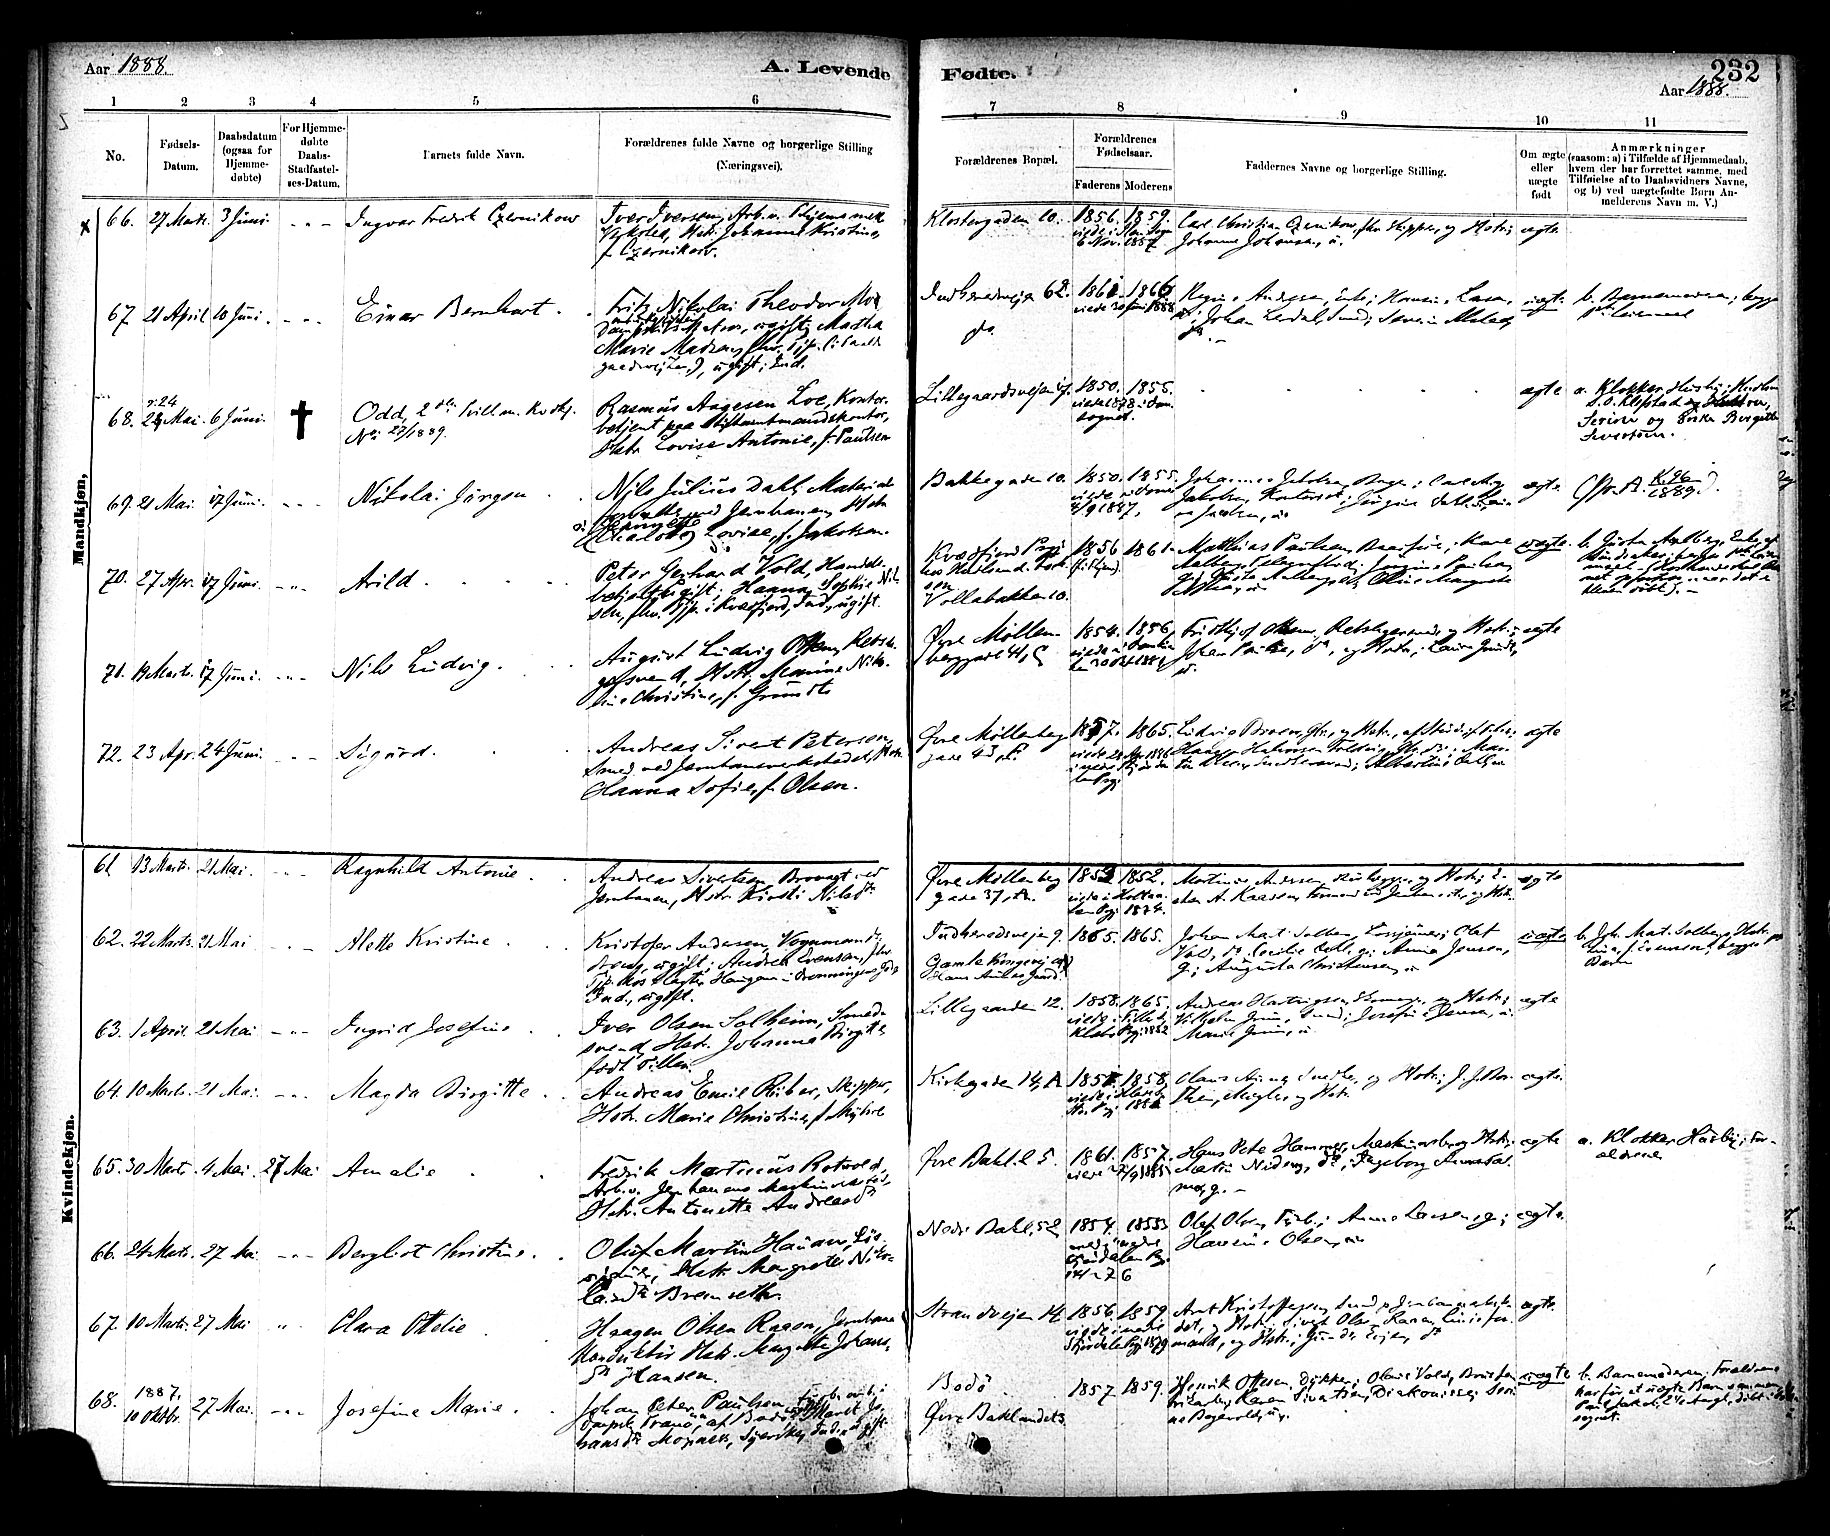 SAT, Ministerialprotokoller, klokkerbøker og fødselsregistre - Sør-Trøndelag, 604/L0188: Ministerialbok nr. 604A09, 1878-1892, s. 232